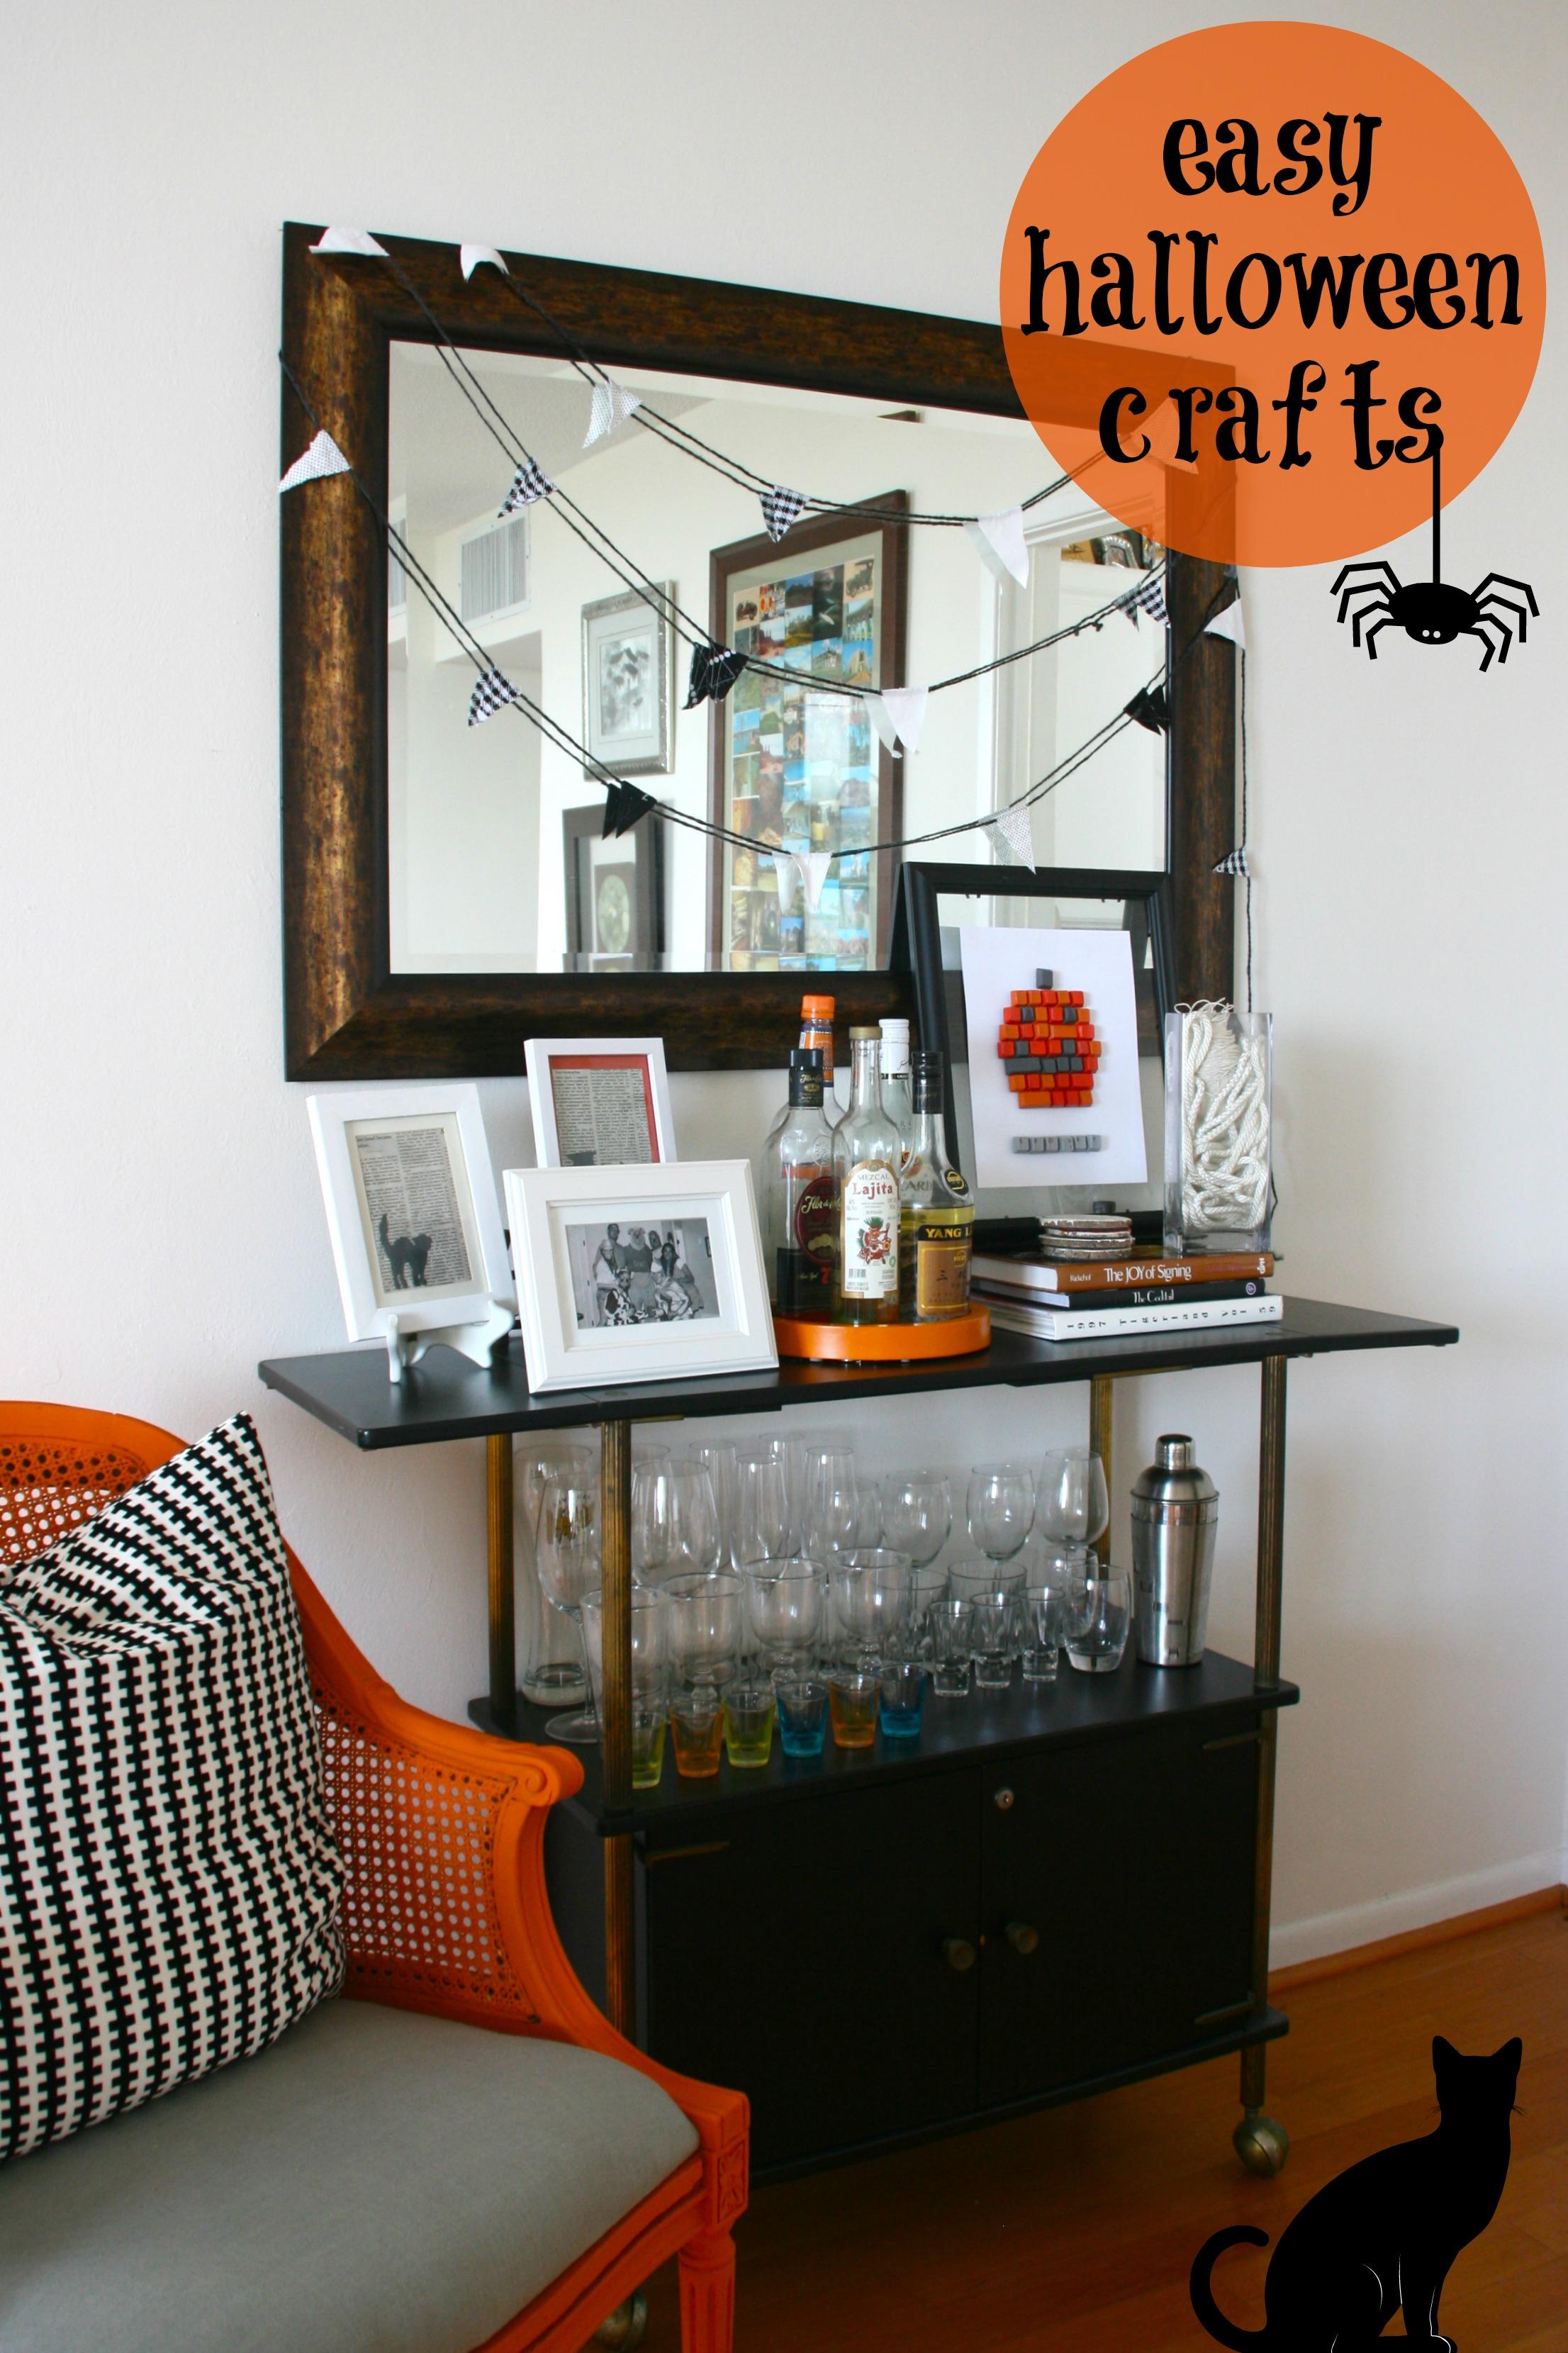 Easy Halloween Makeup: Halloween Crafts {coasters}